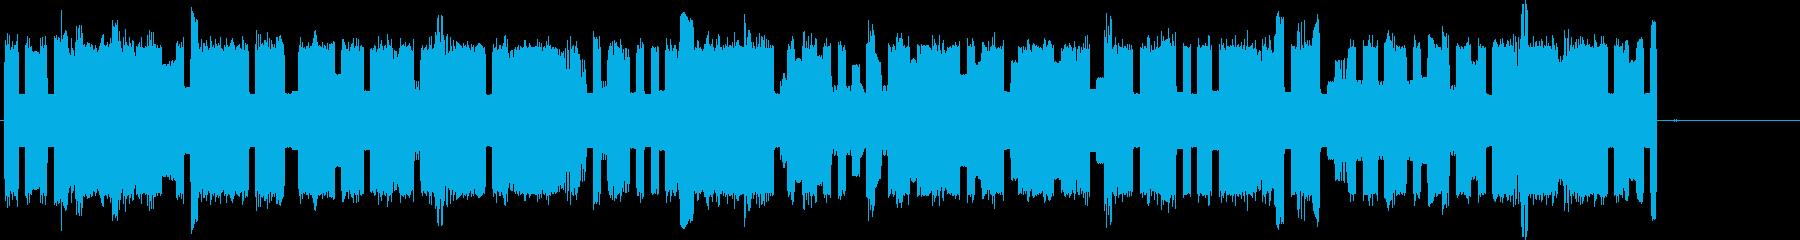 ロボット風の電子音の再生済みの波形